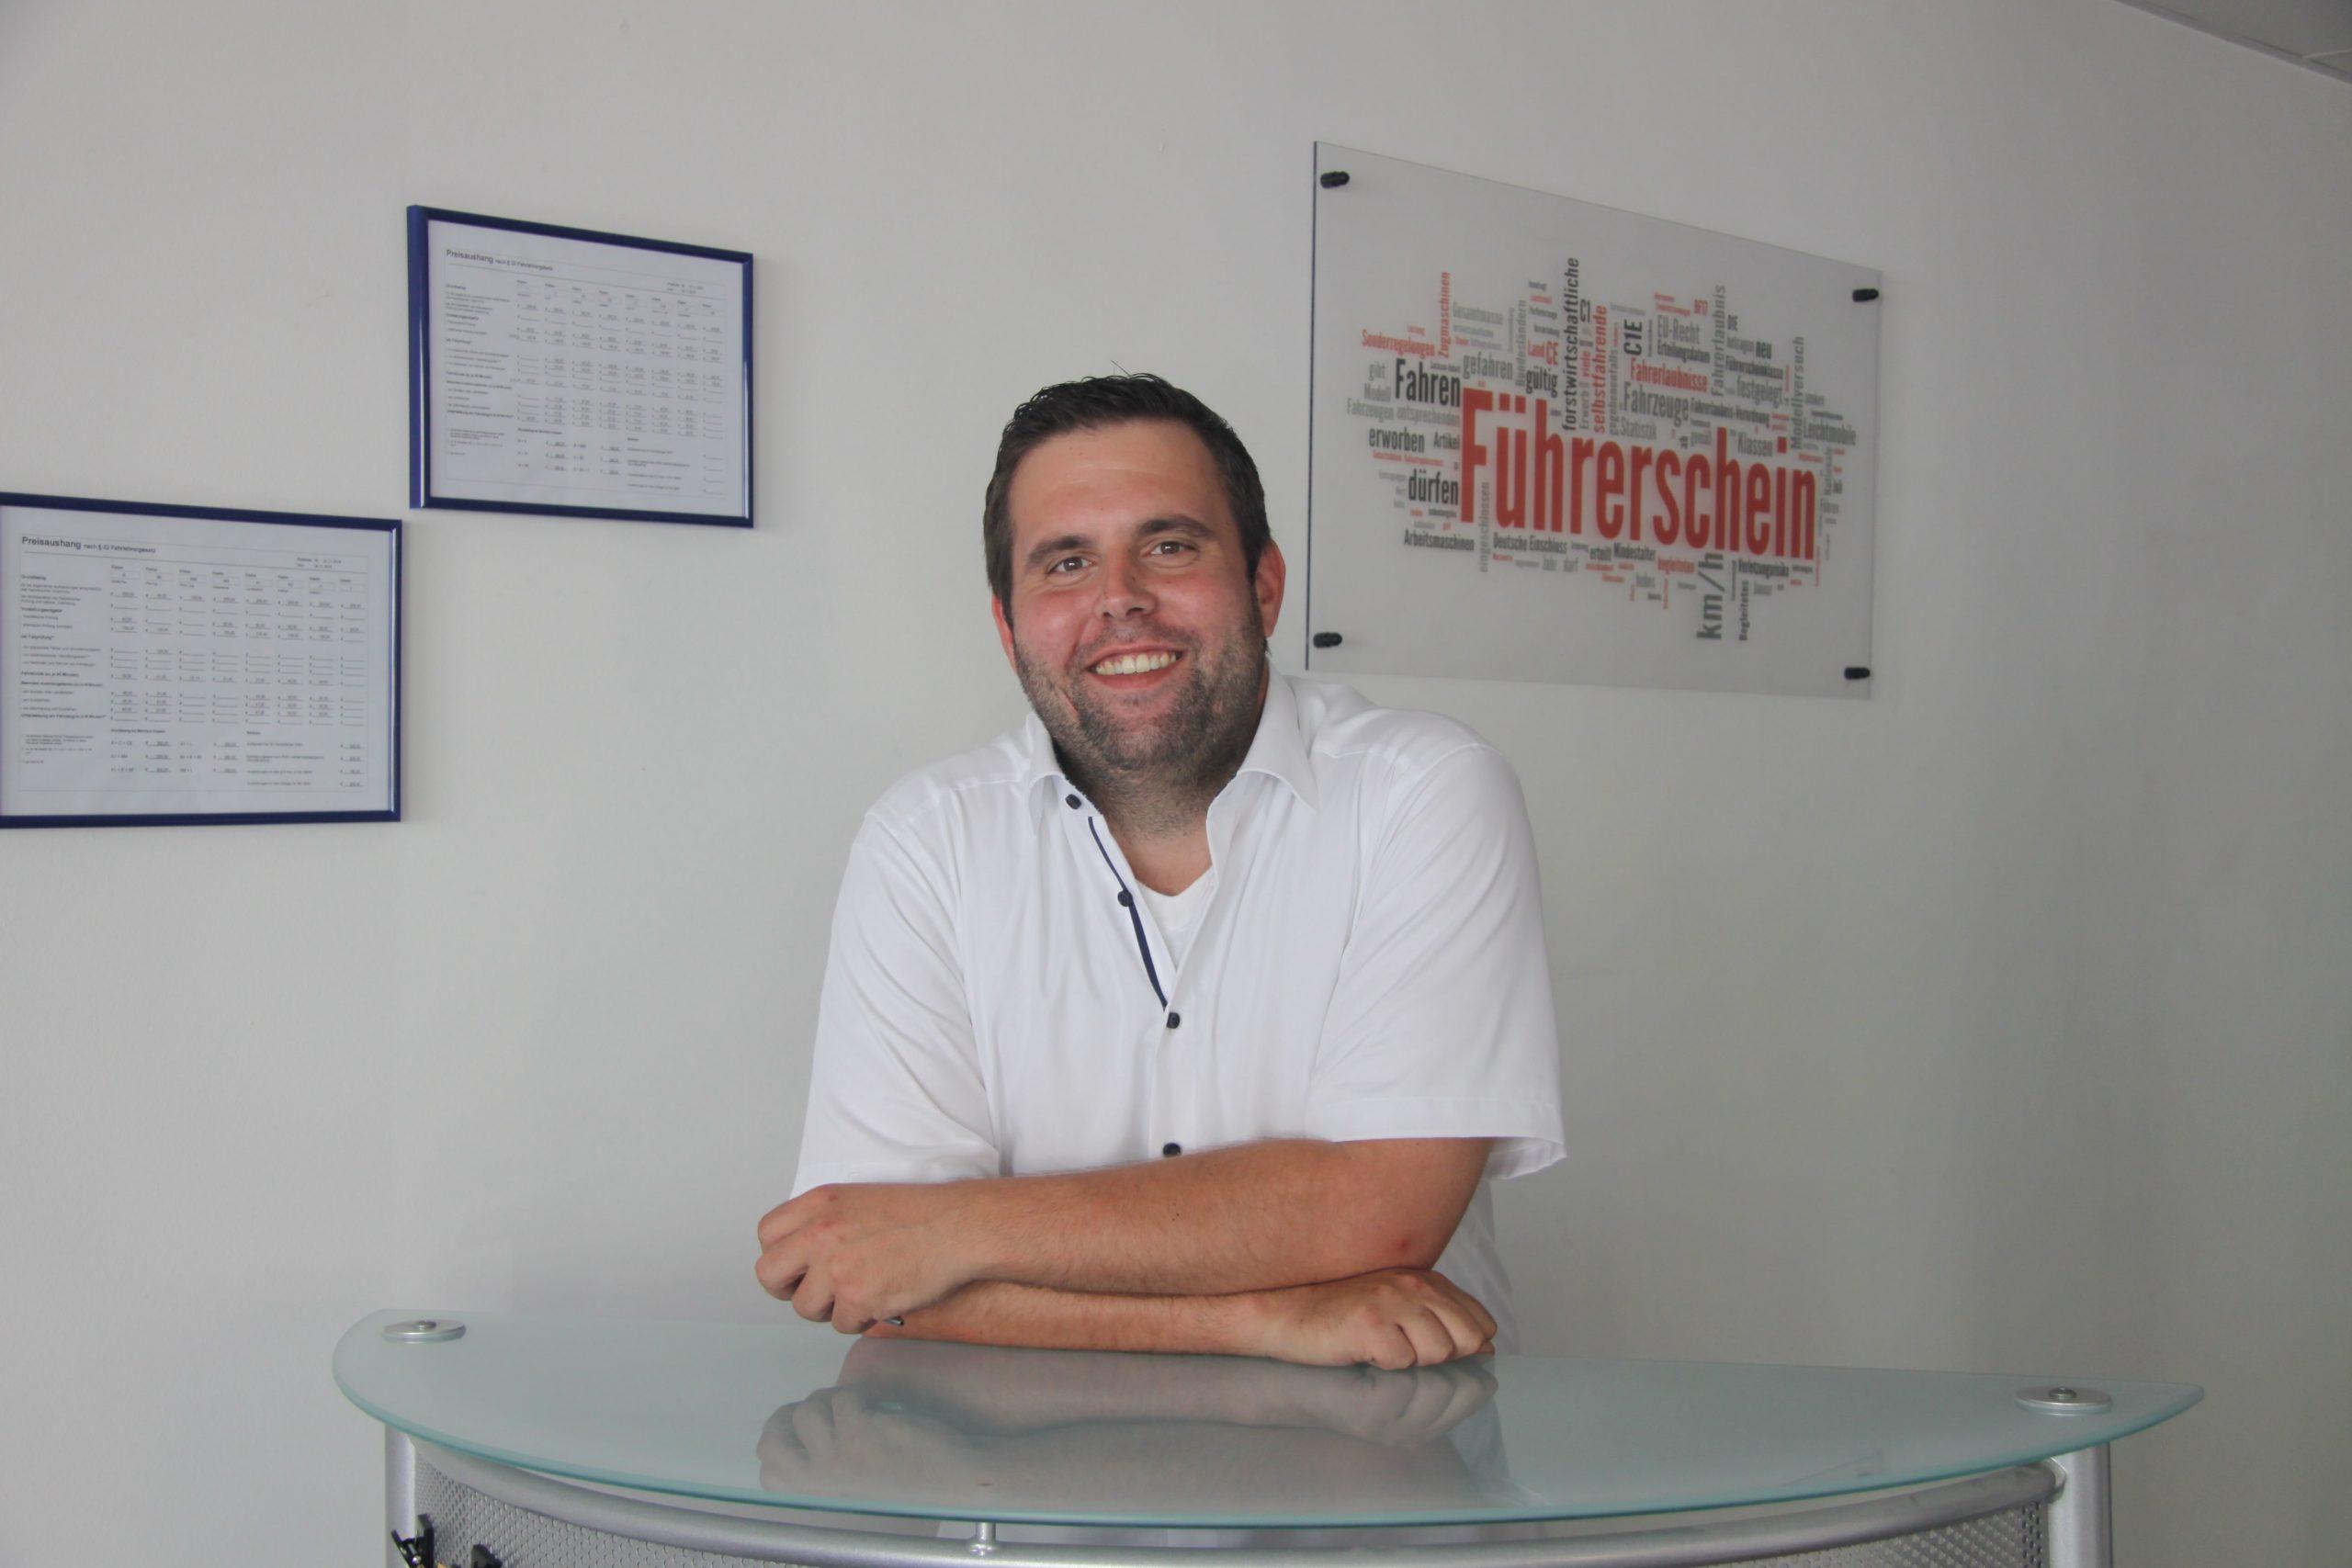 Christopher Heger (Inhaber der Fahrschule Chris in Meckesheim)